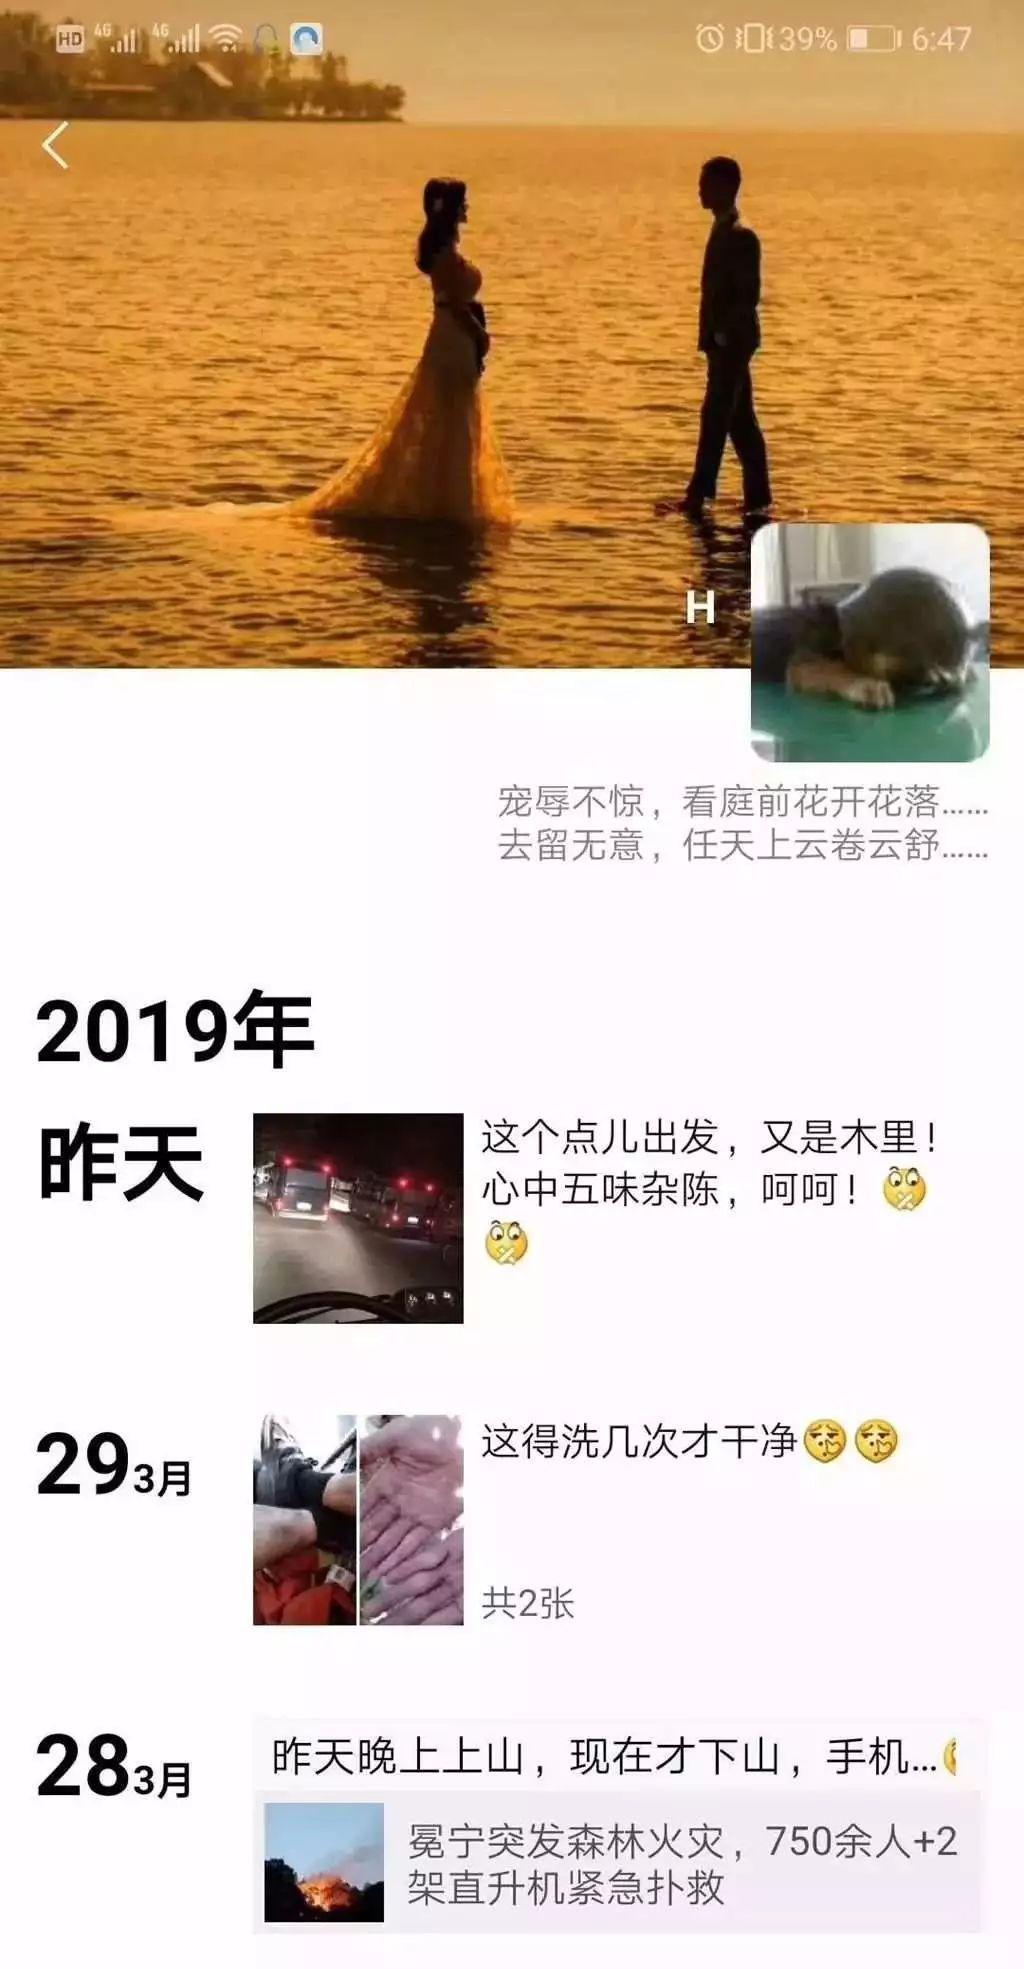 """""""我们什么都不需要"""" 云南消防哀悼牺牲四川火灾30名遇难者"""